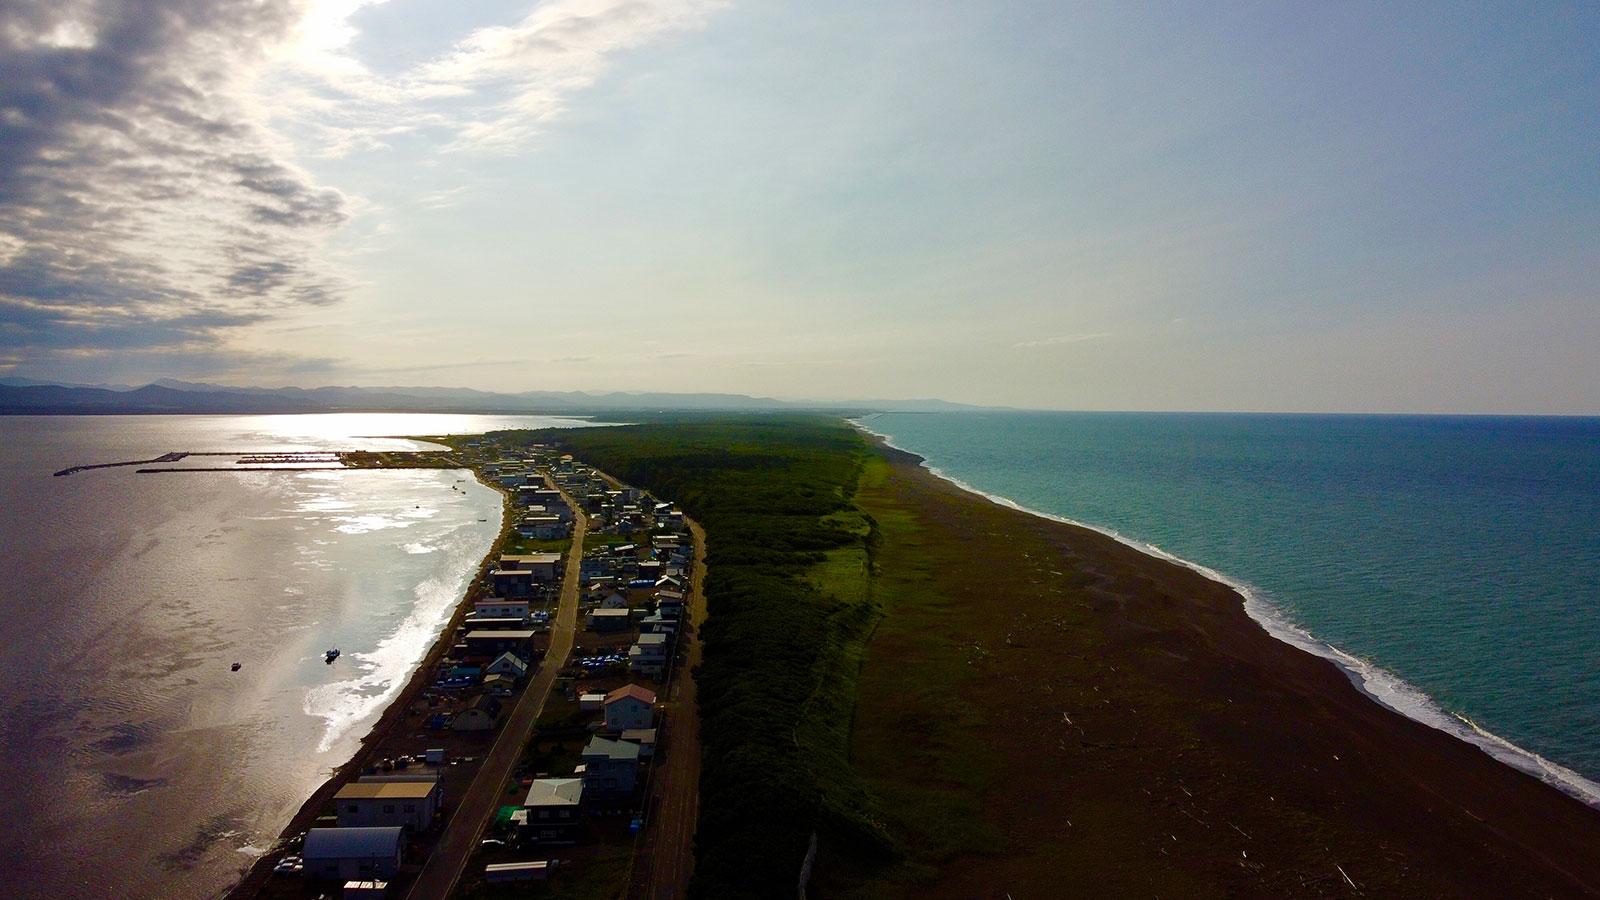 Mar de Ojotsk a la derecha y lago Saroma a la izquierda